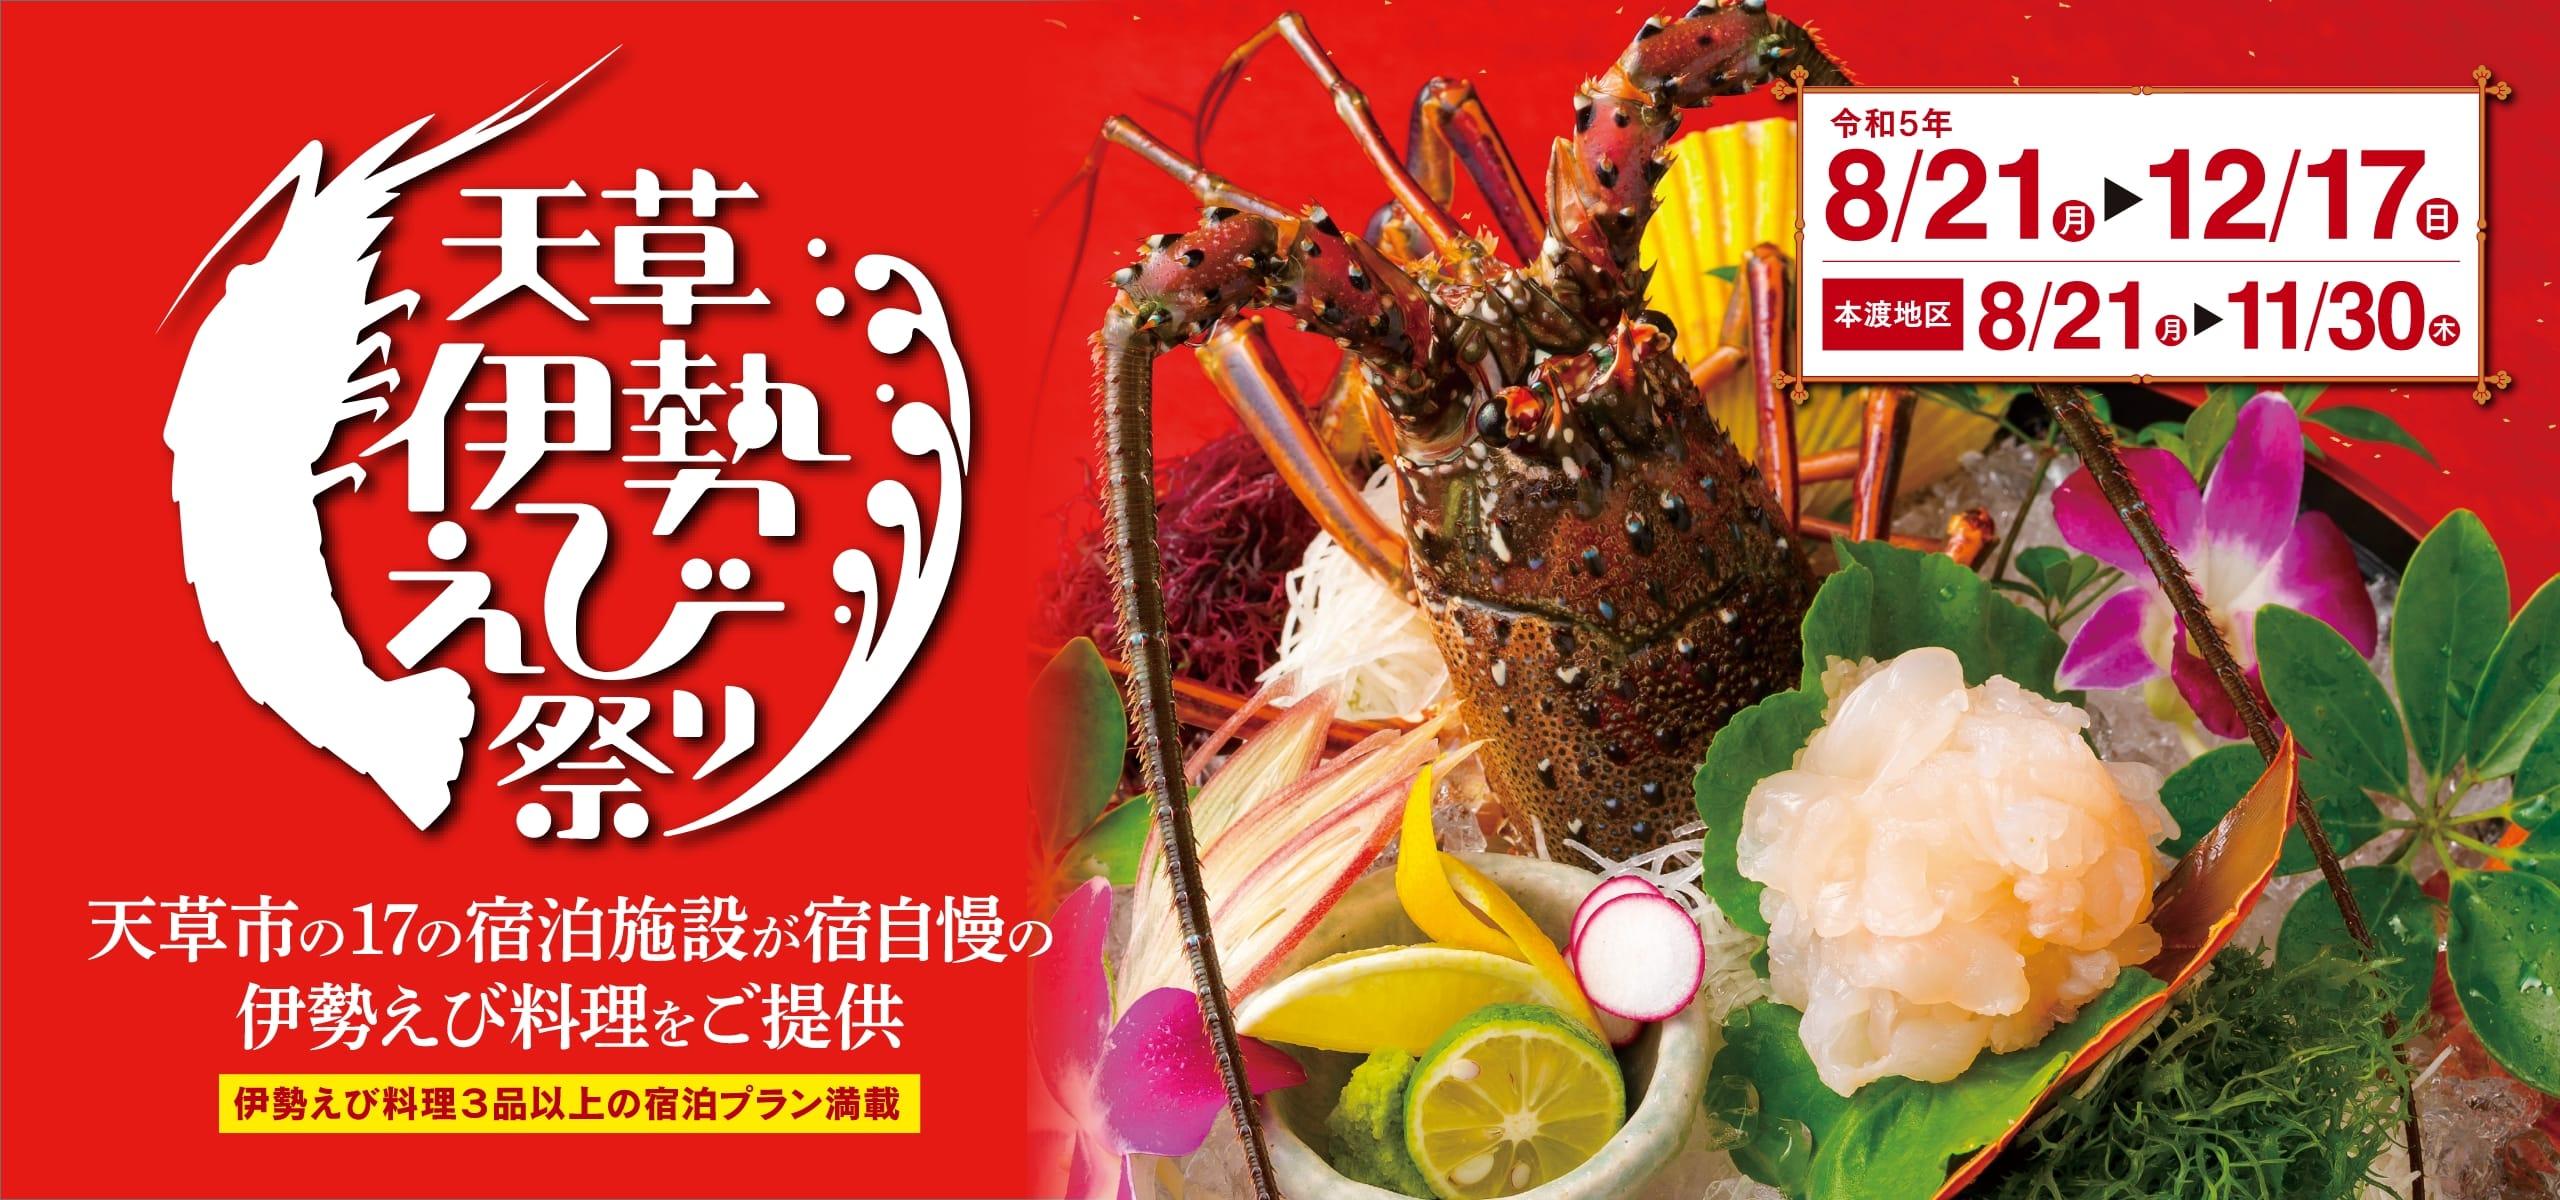 令和3年8月21日(土)〜12月29日(水) 伊勢えび料理3品以上の宿泊プラン満載!!